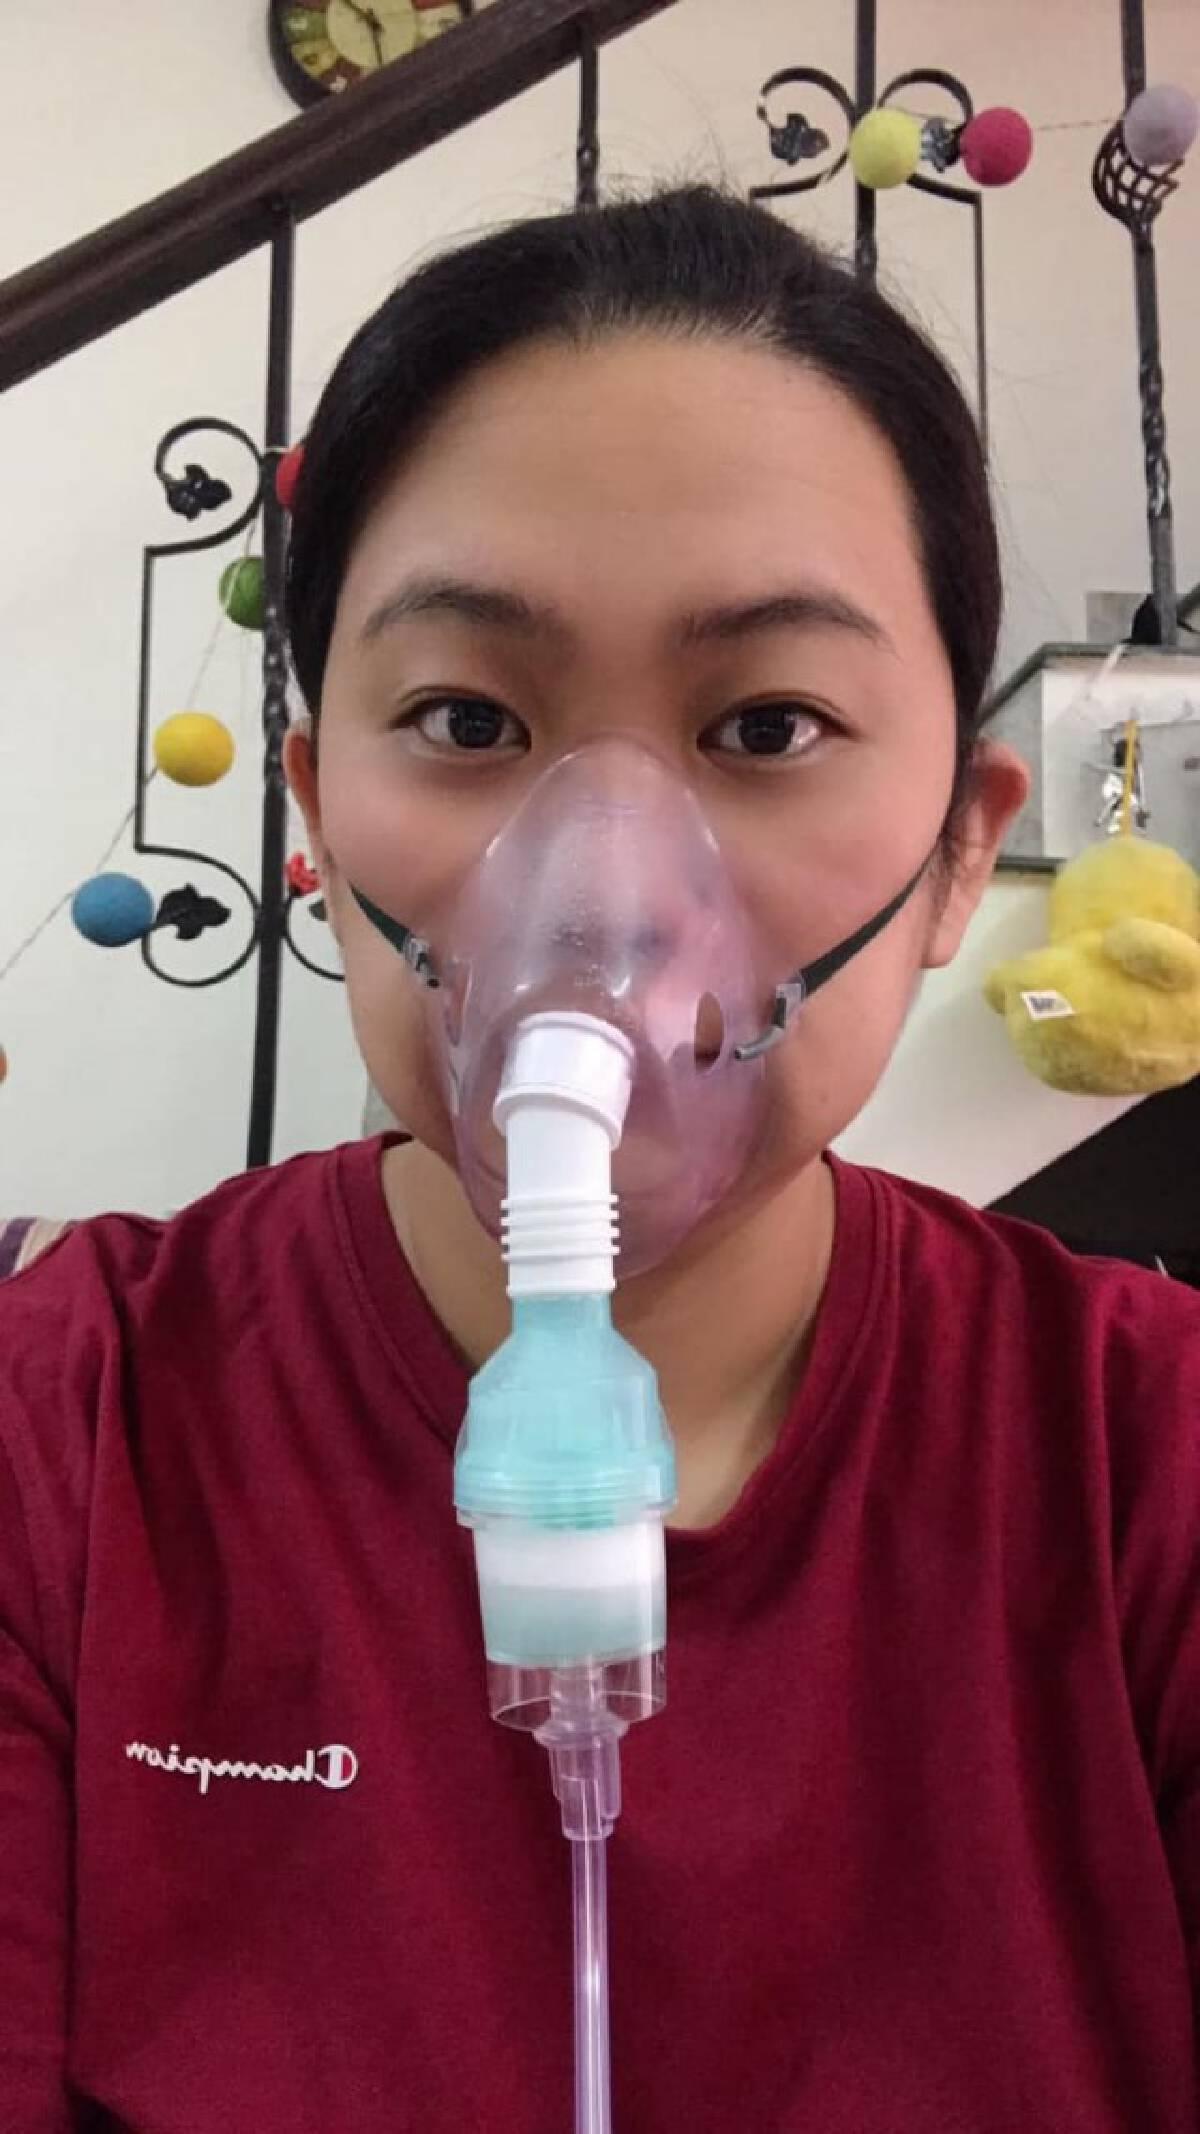 สาวไทย เล่าประสบการณ์ ป่วยโควิดที่อินเดีย ทำอย่างไรเมื่อรักษาตัวที่บ้าน จนอาการดีขึ้น